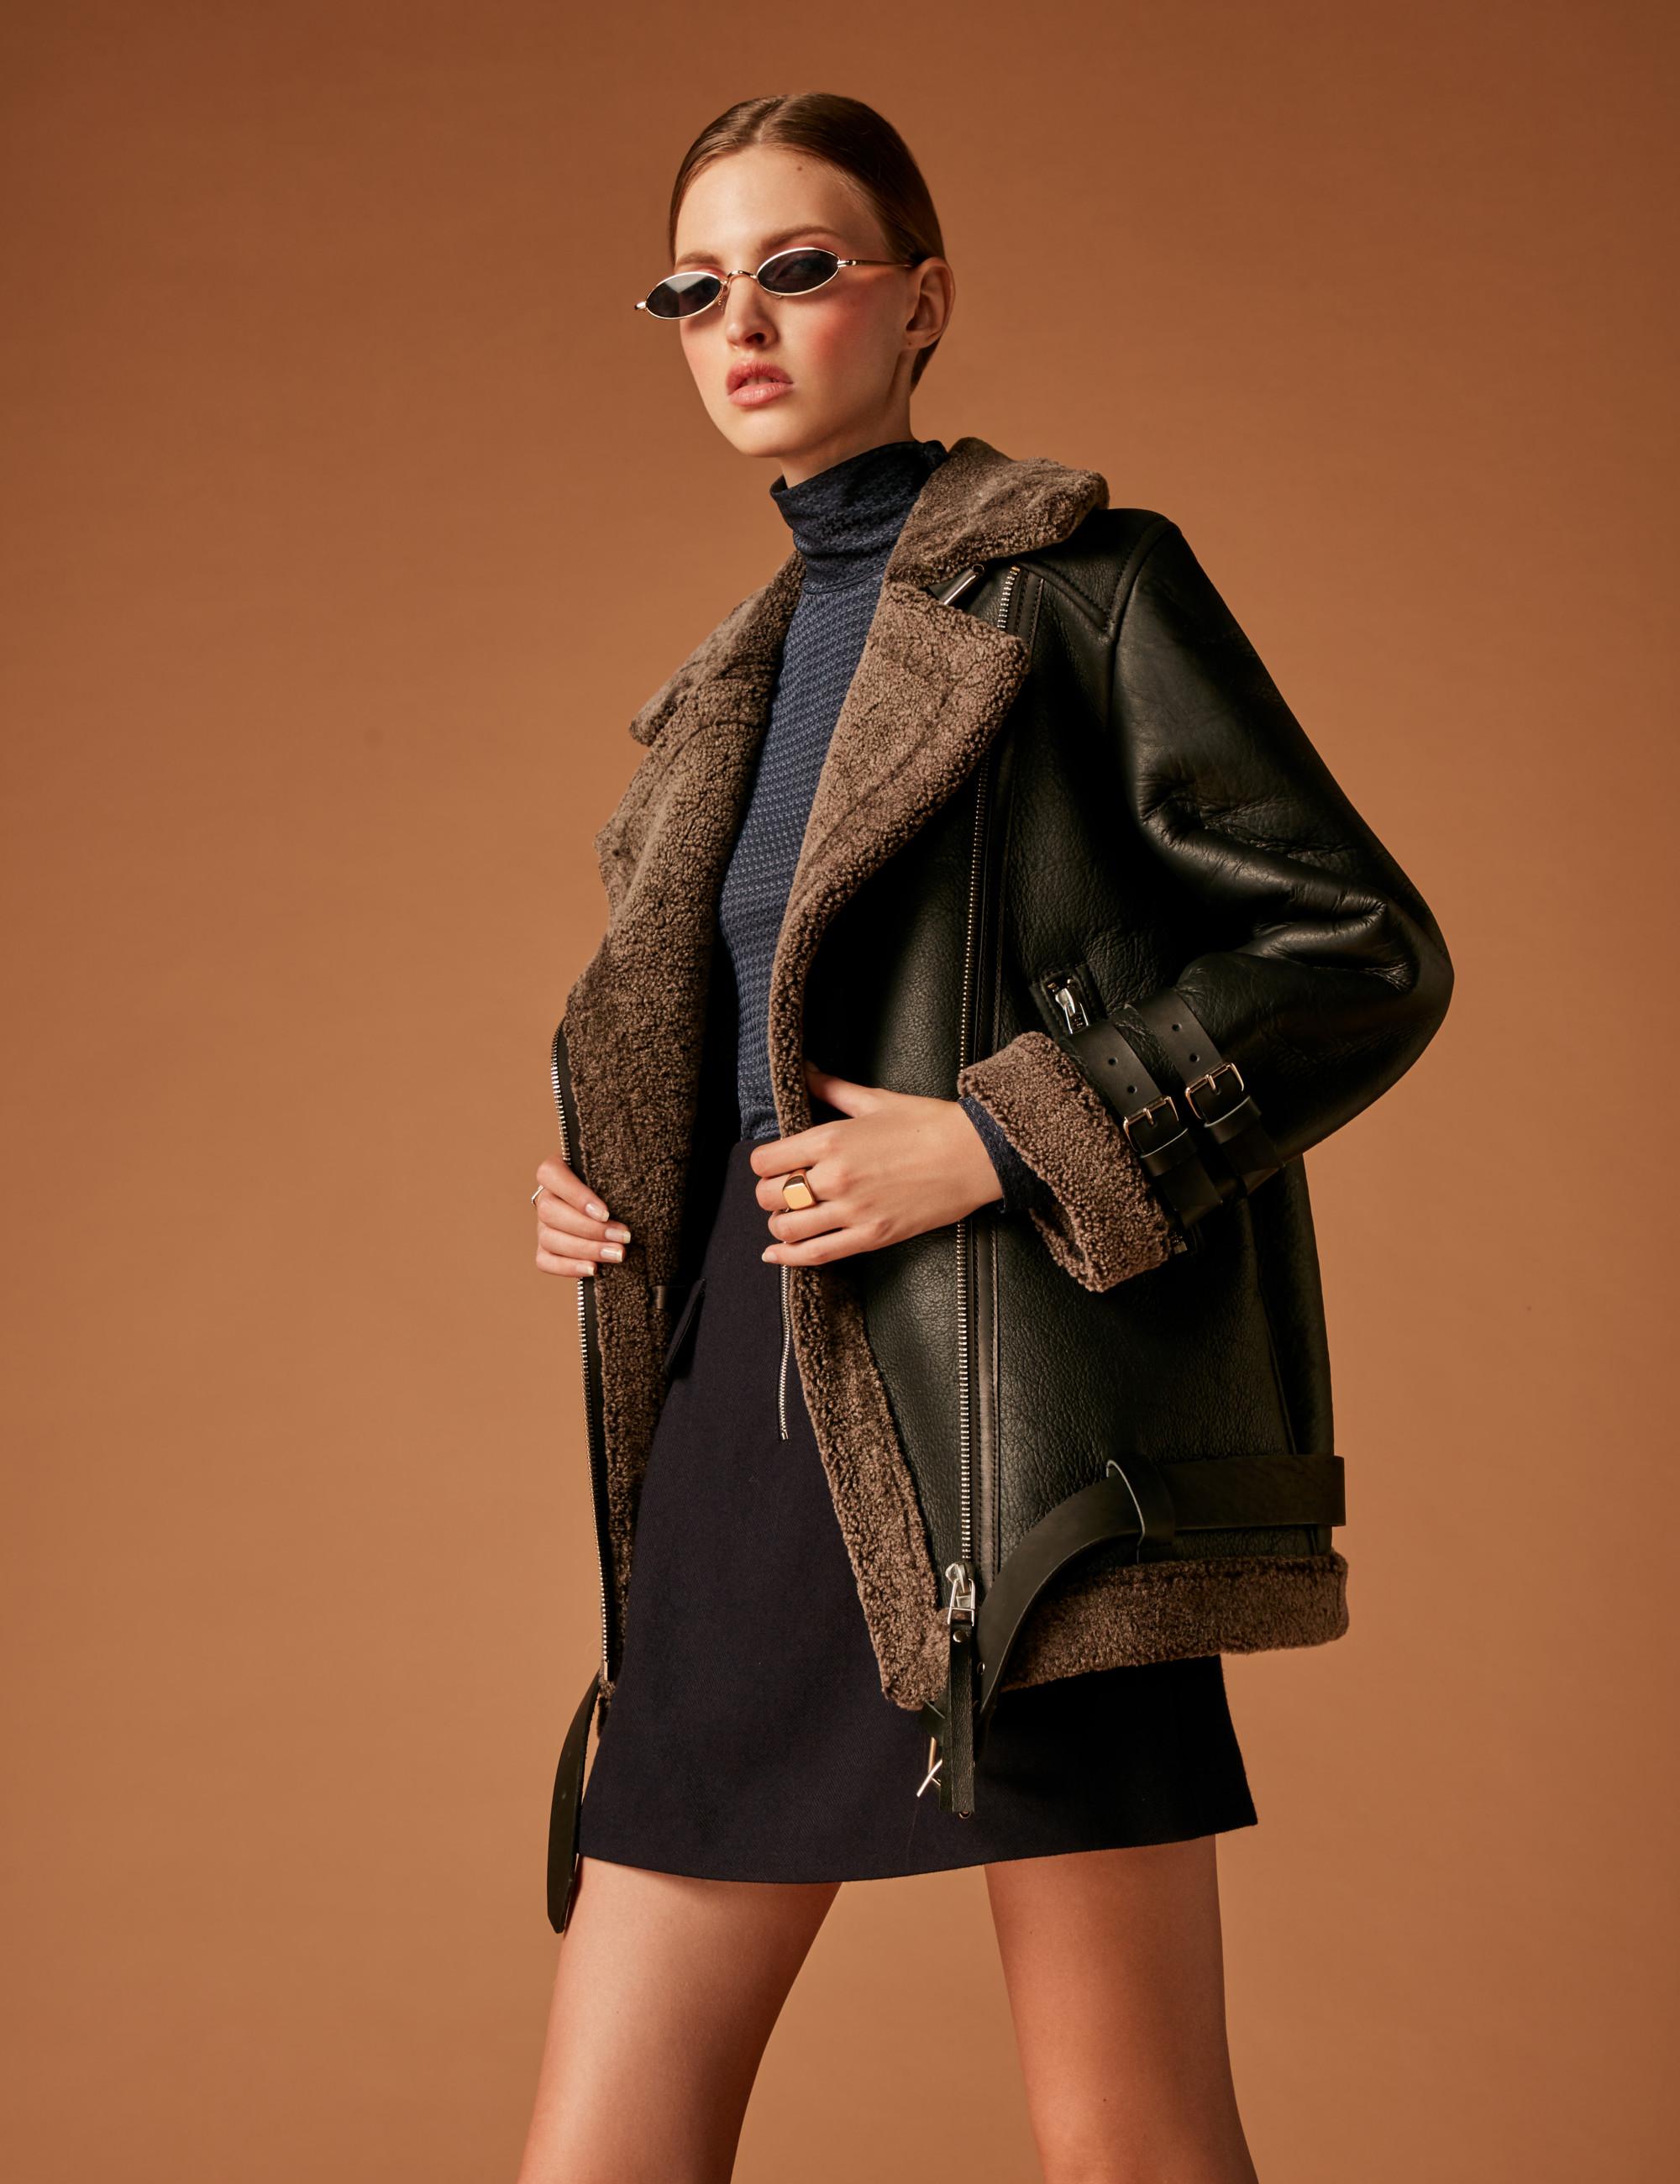 Soeasy кожаная куртка-дубленка 2019 цвета антрацит с короткой черной юбкой